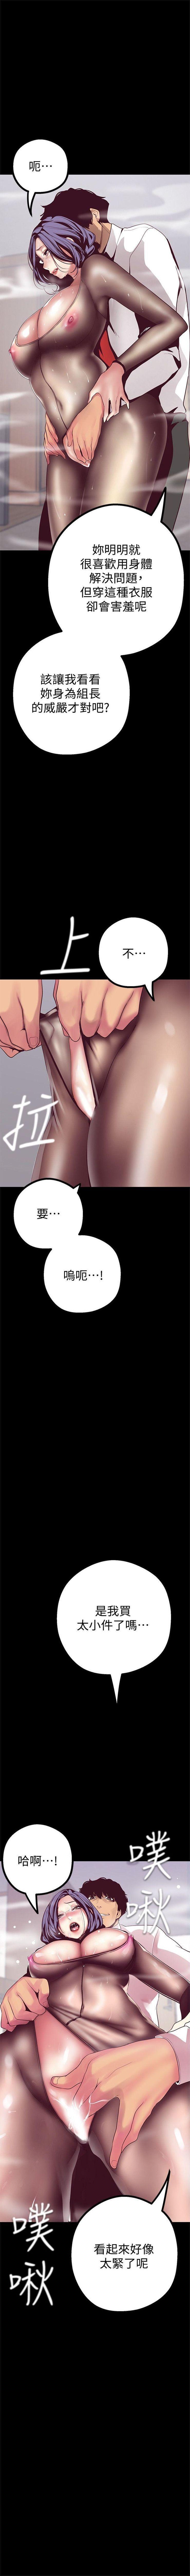 美麗新世界 1-85 官方中文(連載中) 131